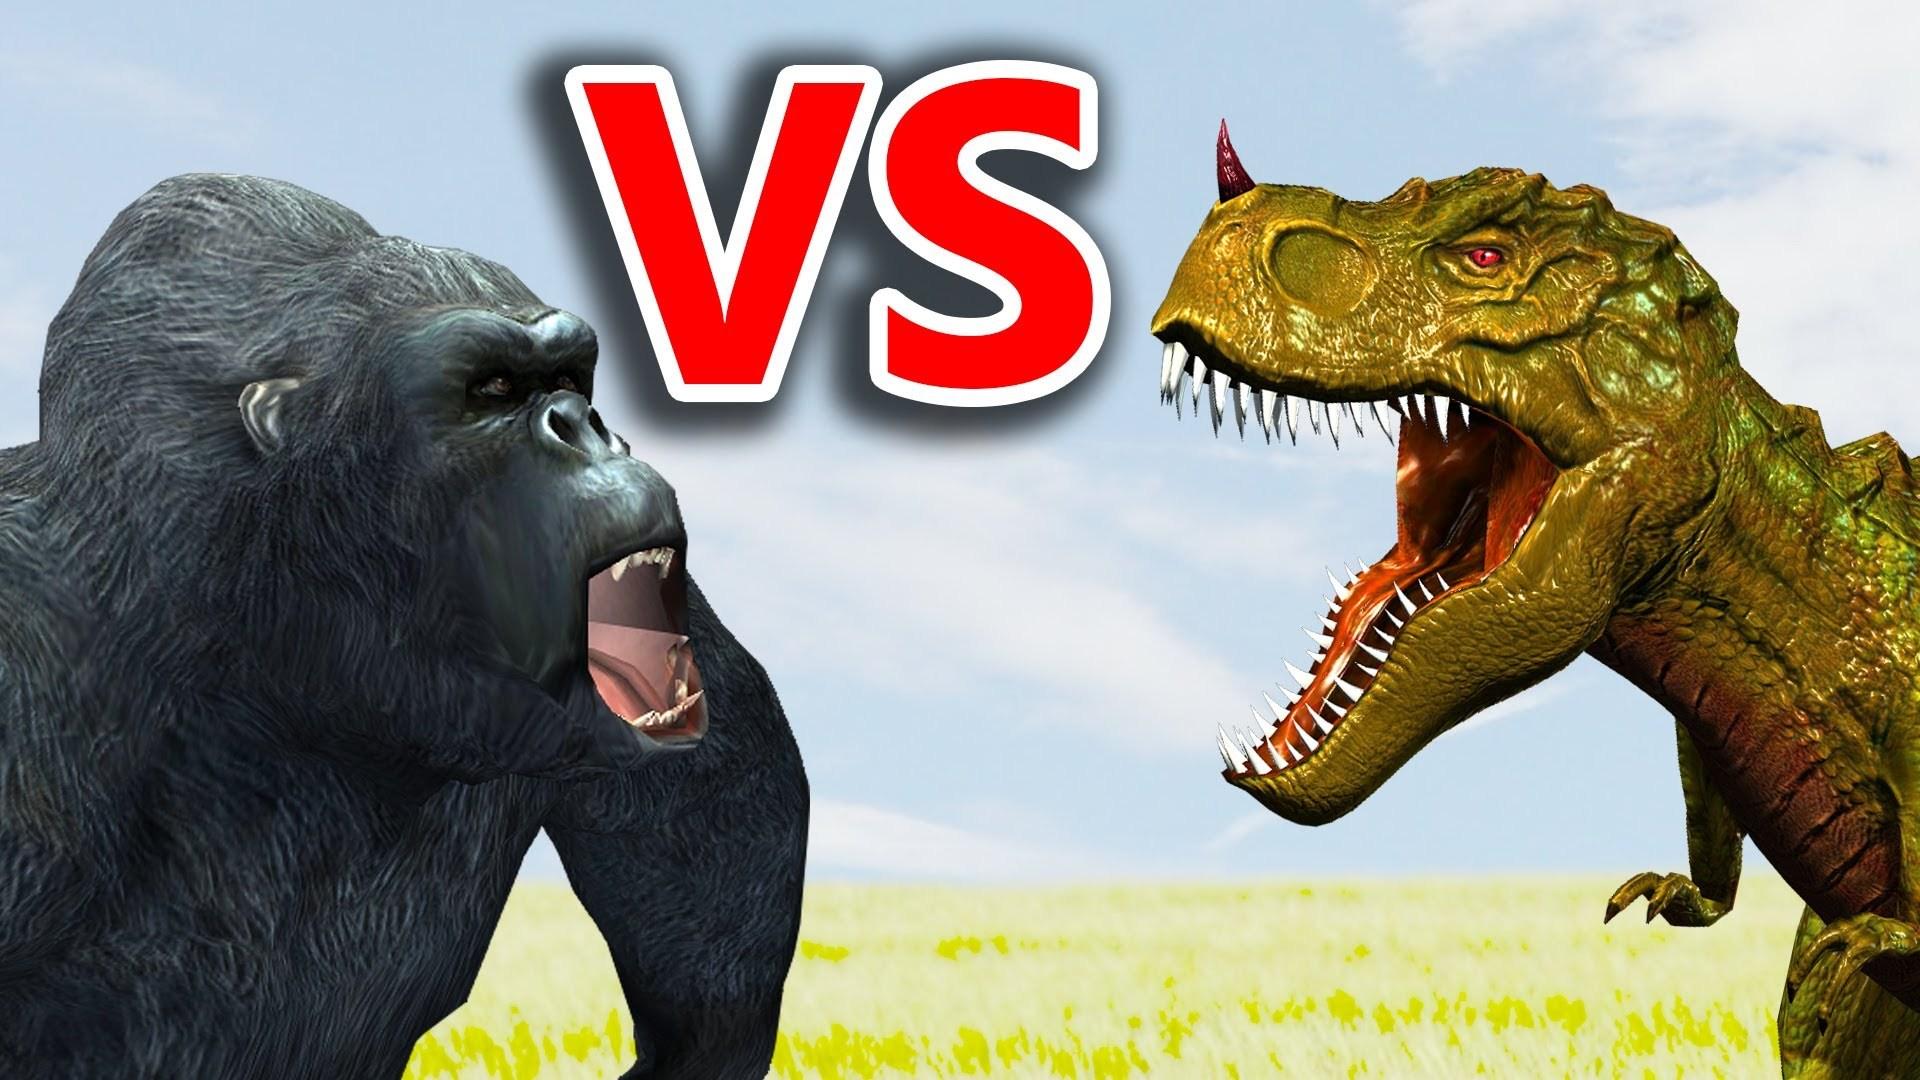 Эволюция животных как серия технологических прорывов - 1